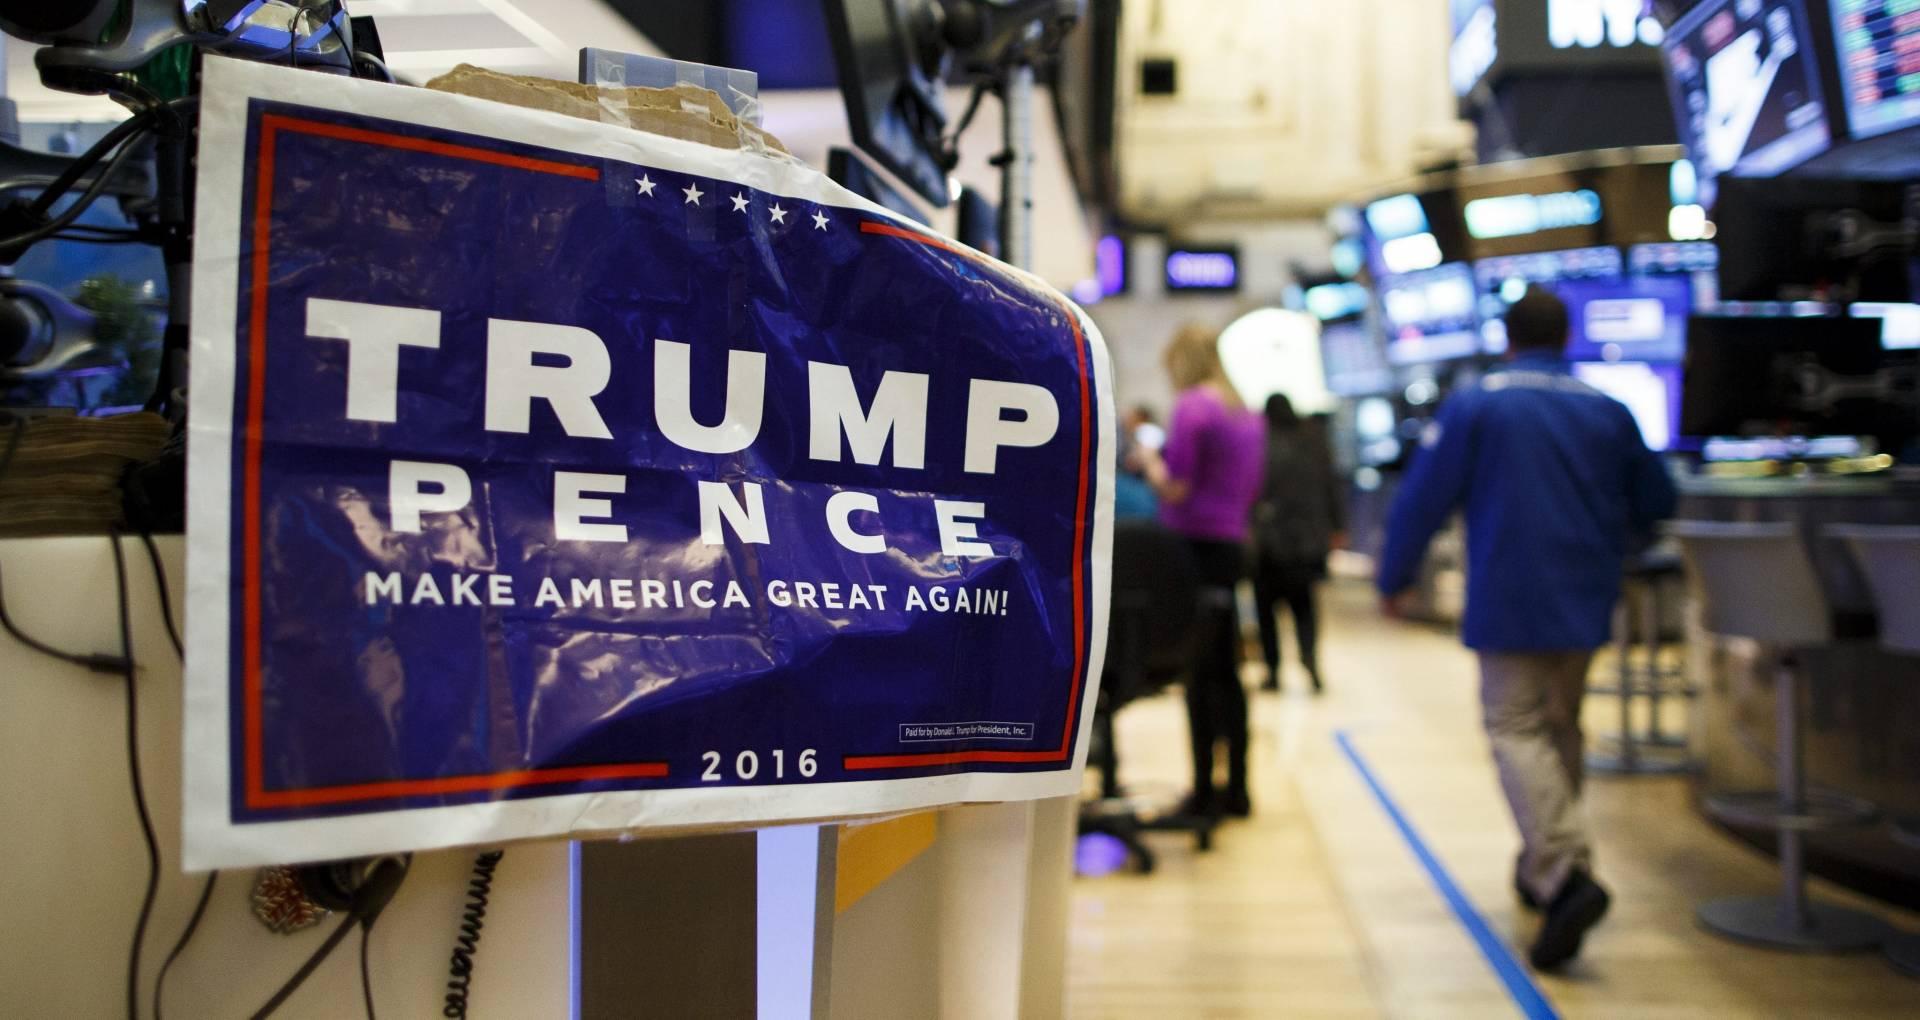 La sala de negociación de Wall Street, con un cartel de la candidatura republicana liderada por Donald Trump.